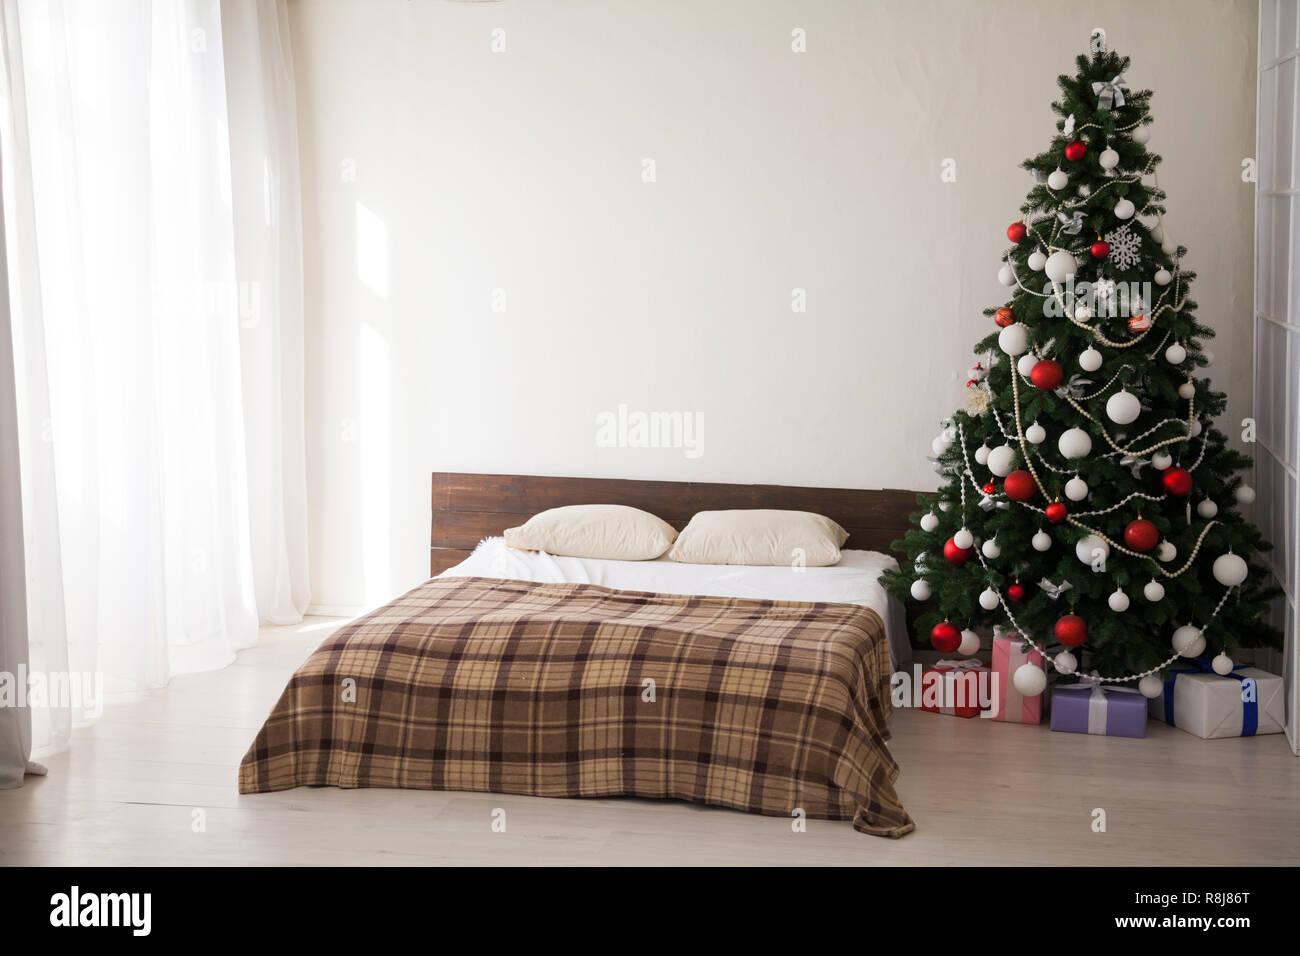 Luci Di Natale In Camera.Luci Di Camera Albero Di Natale Ghirlanda Anno Nuovo Vacanze